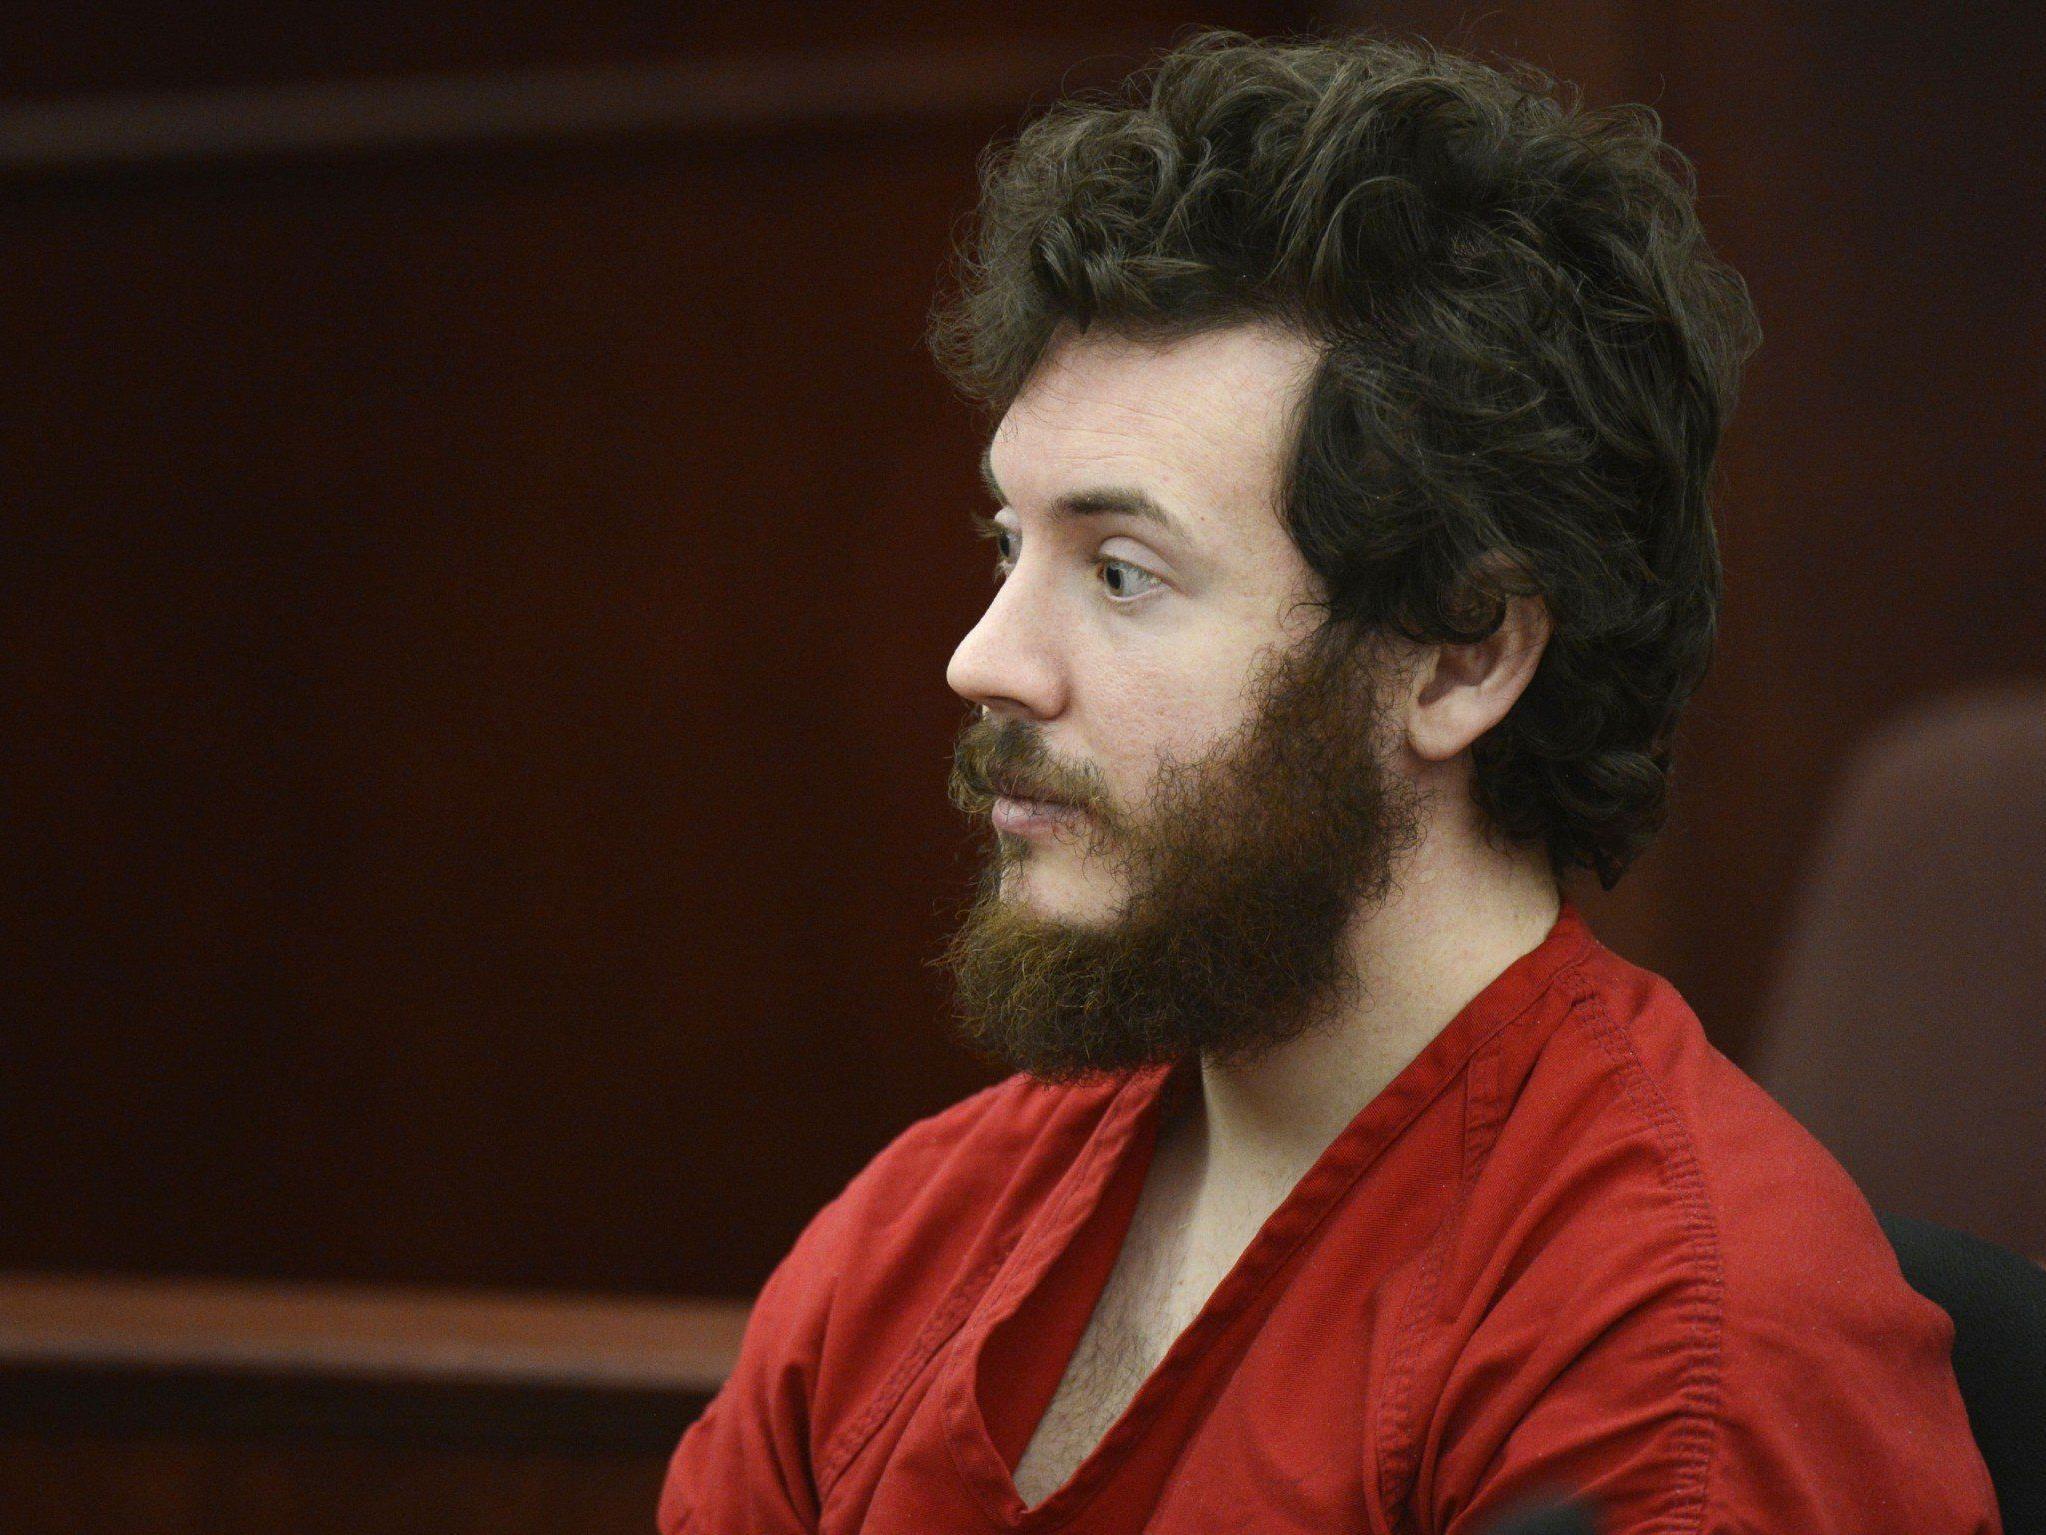 Gerichtliche Aufarbeitung des Massakers in US-Kino in Aurora geht in entscheidende Runde.